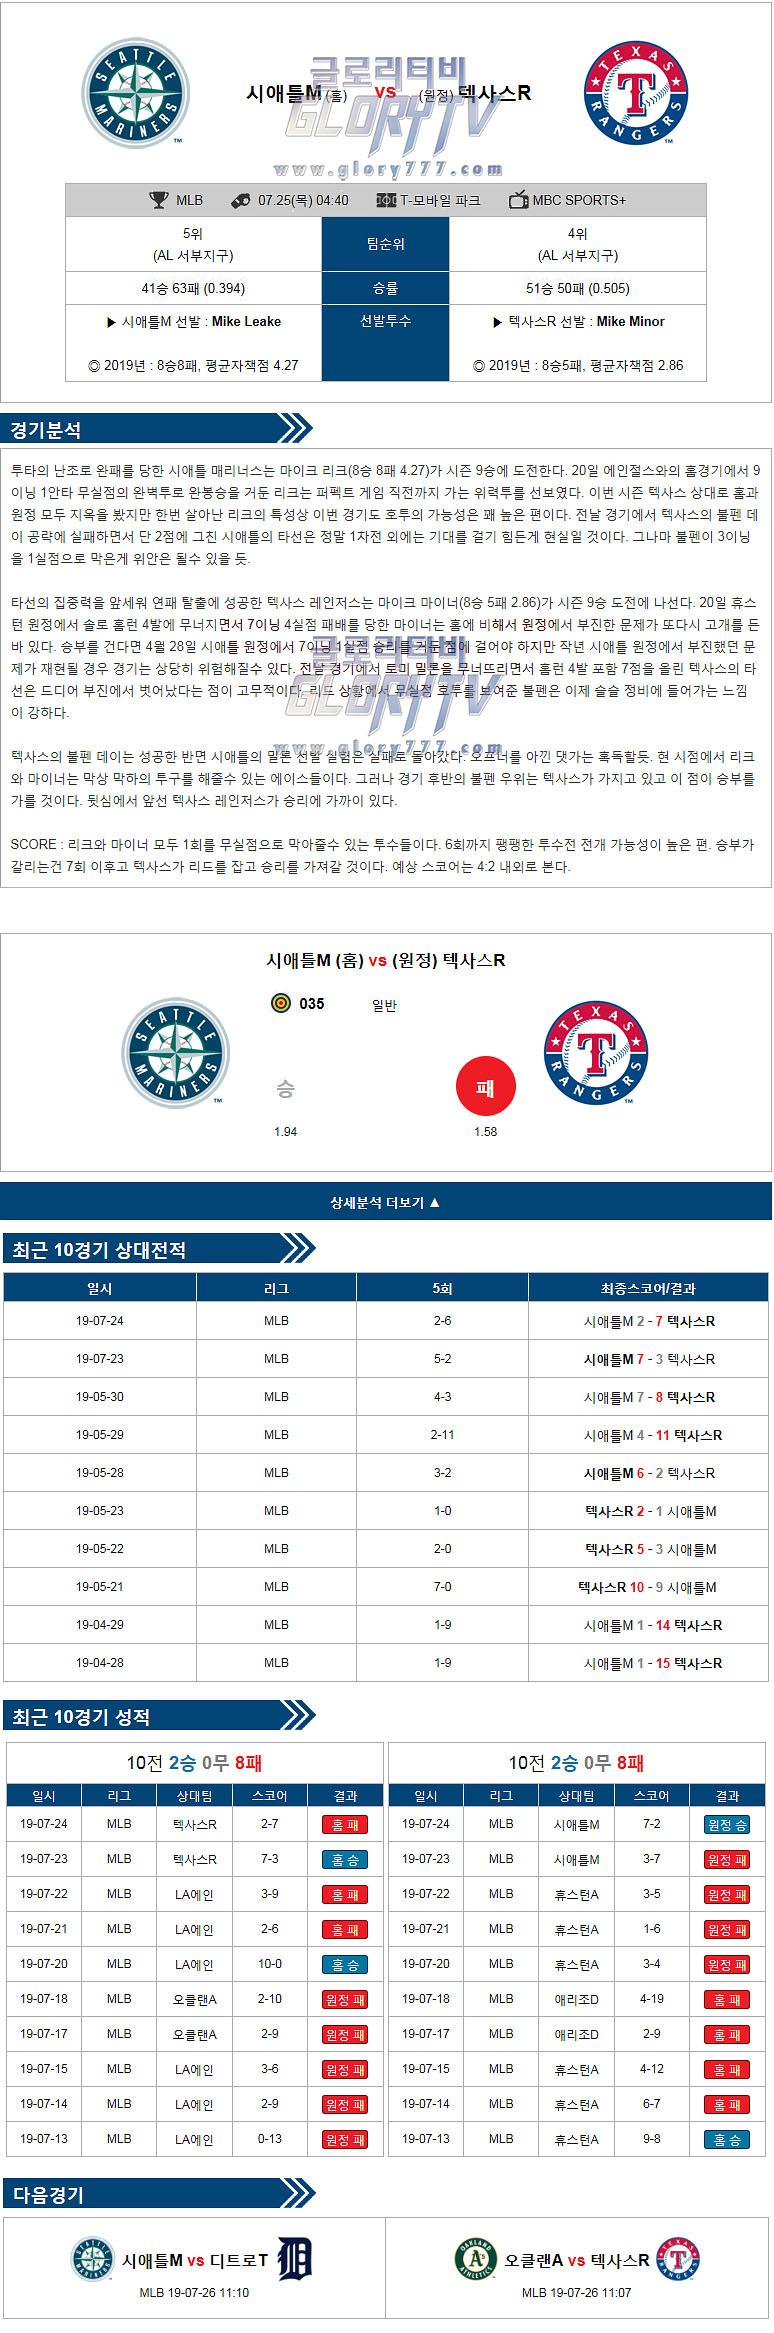 메이저리그분석글 7월 25일 MLB 시애틀 vs 텍사스 밀워키, 미네소타, 워싱턴